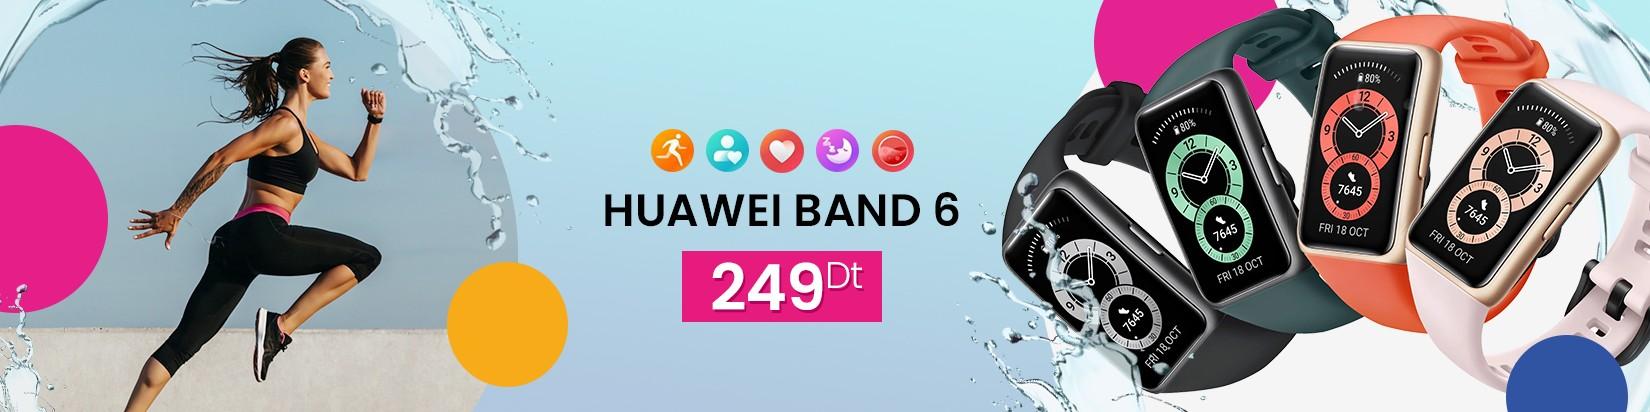 Huawei Band 6 | Hayeti Tunisie